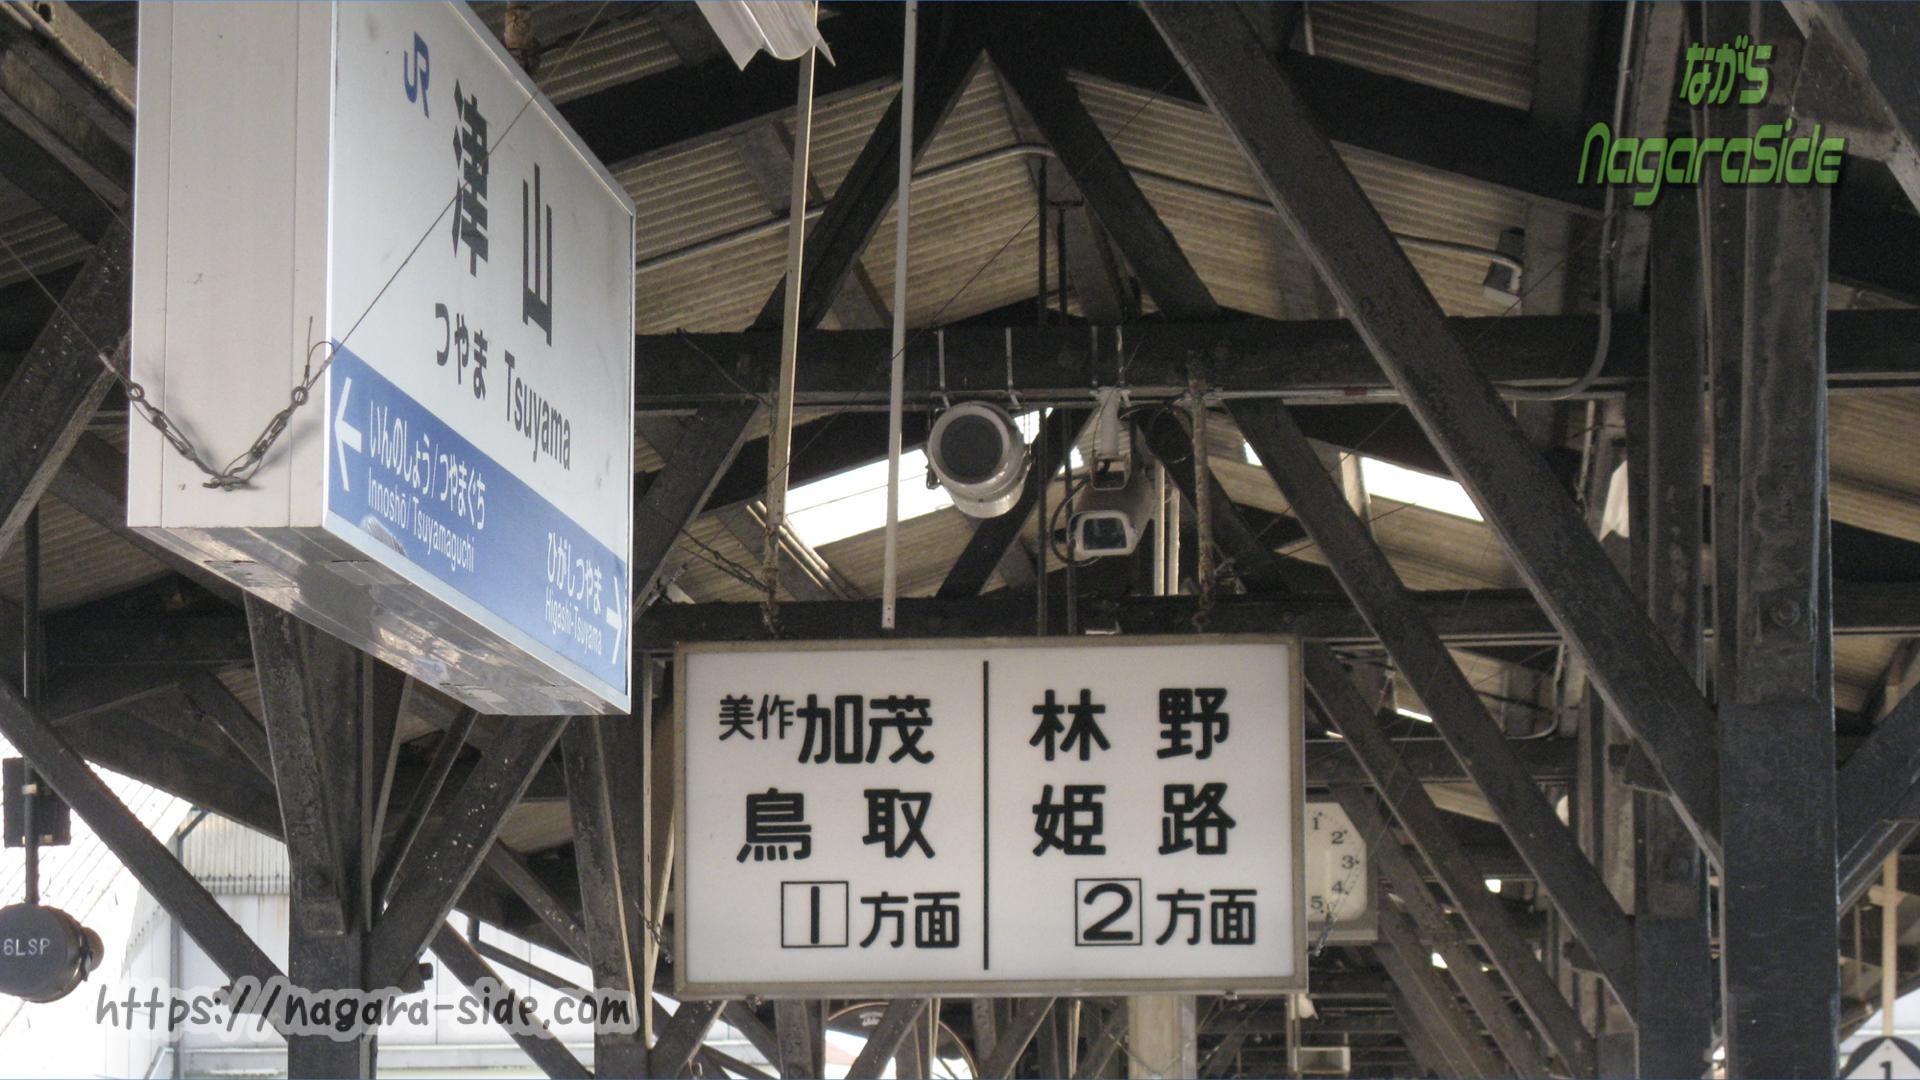 津山駅のホーム案内板